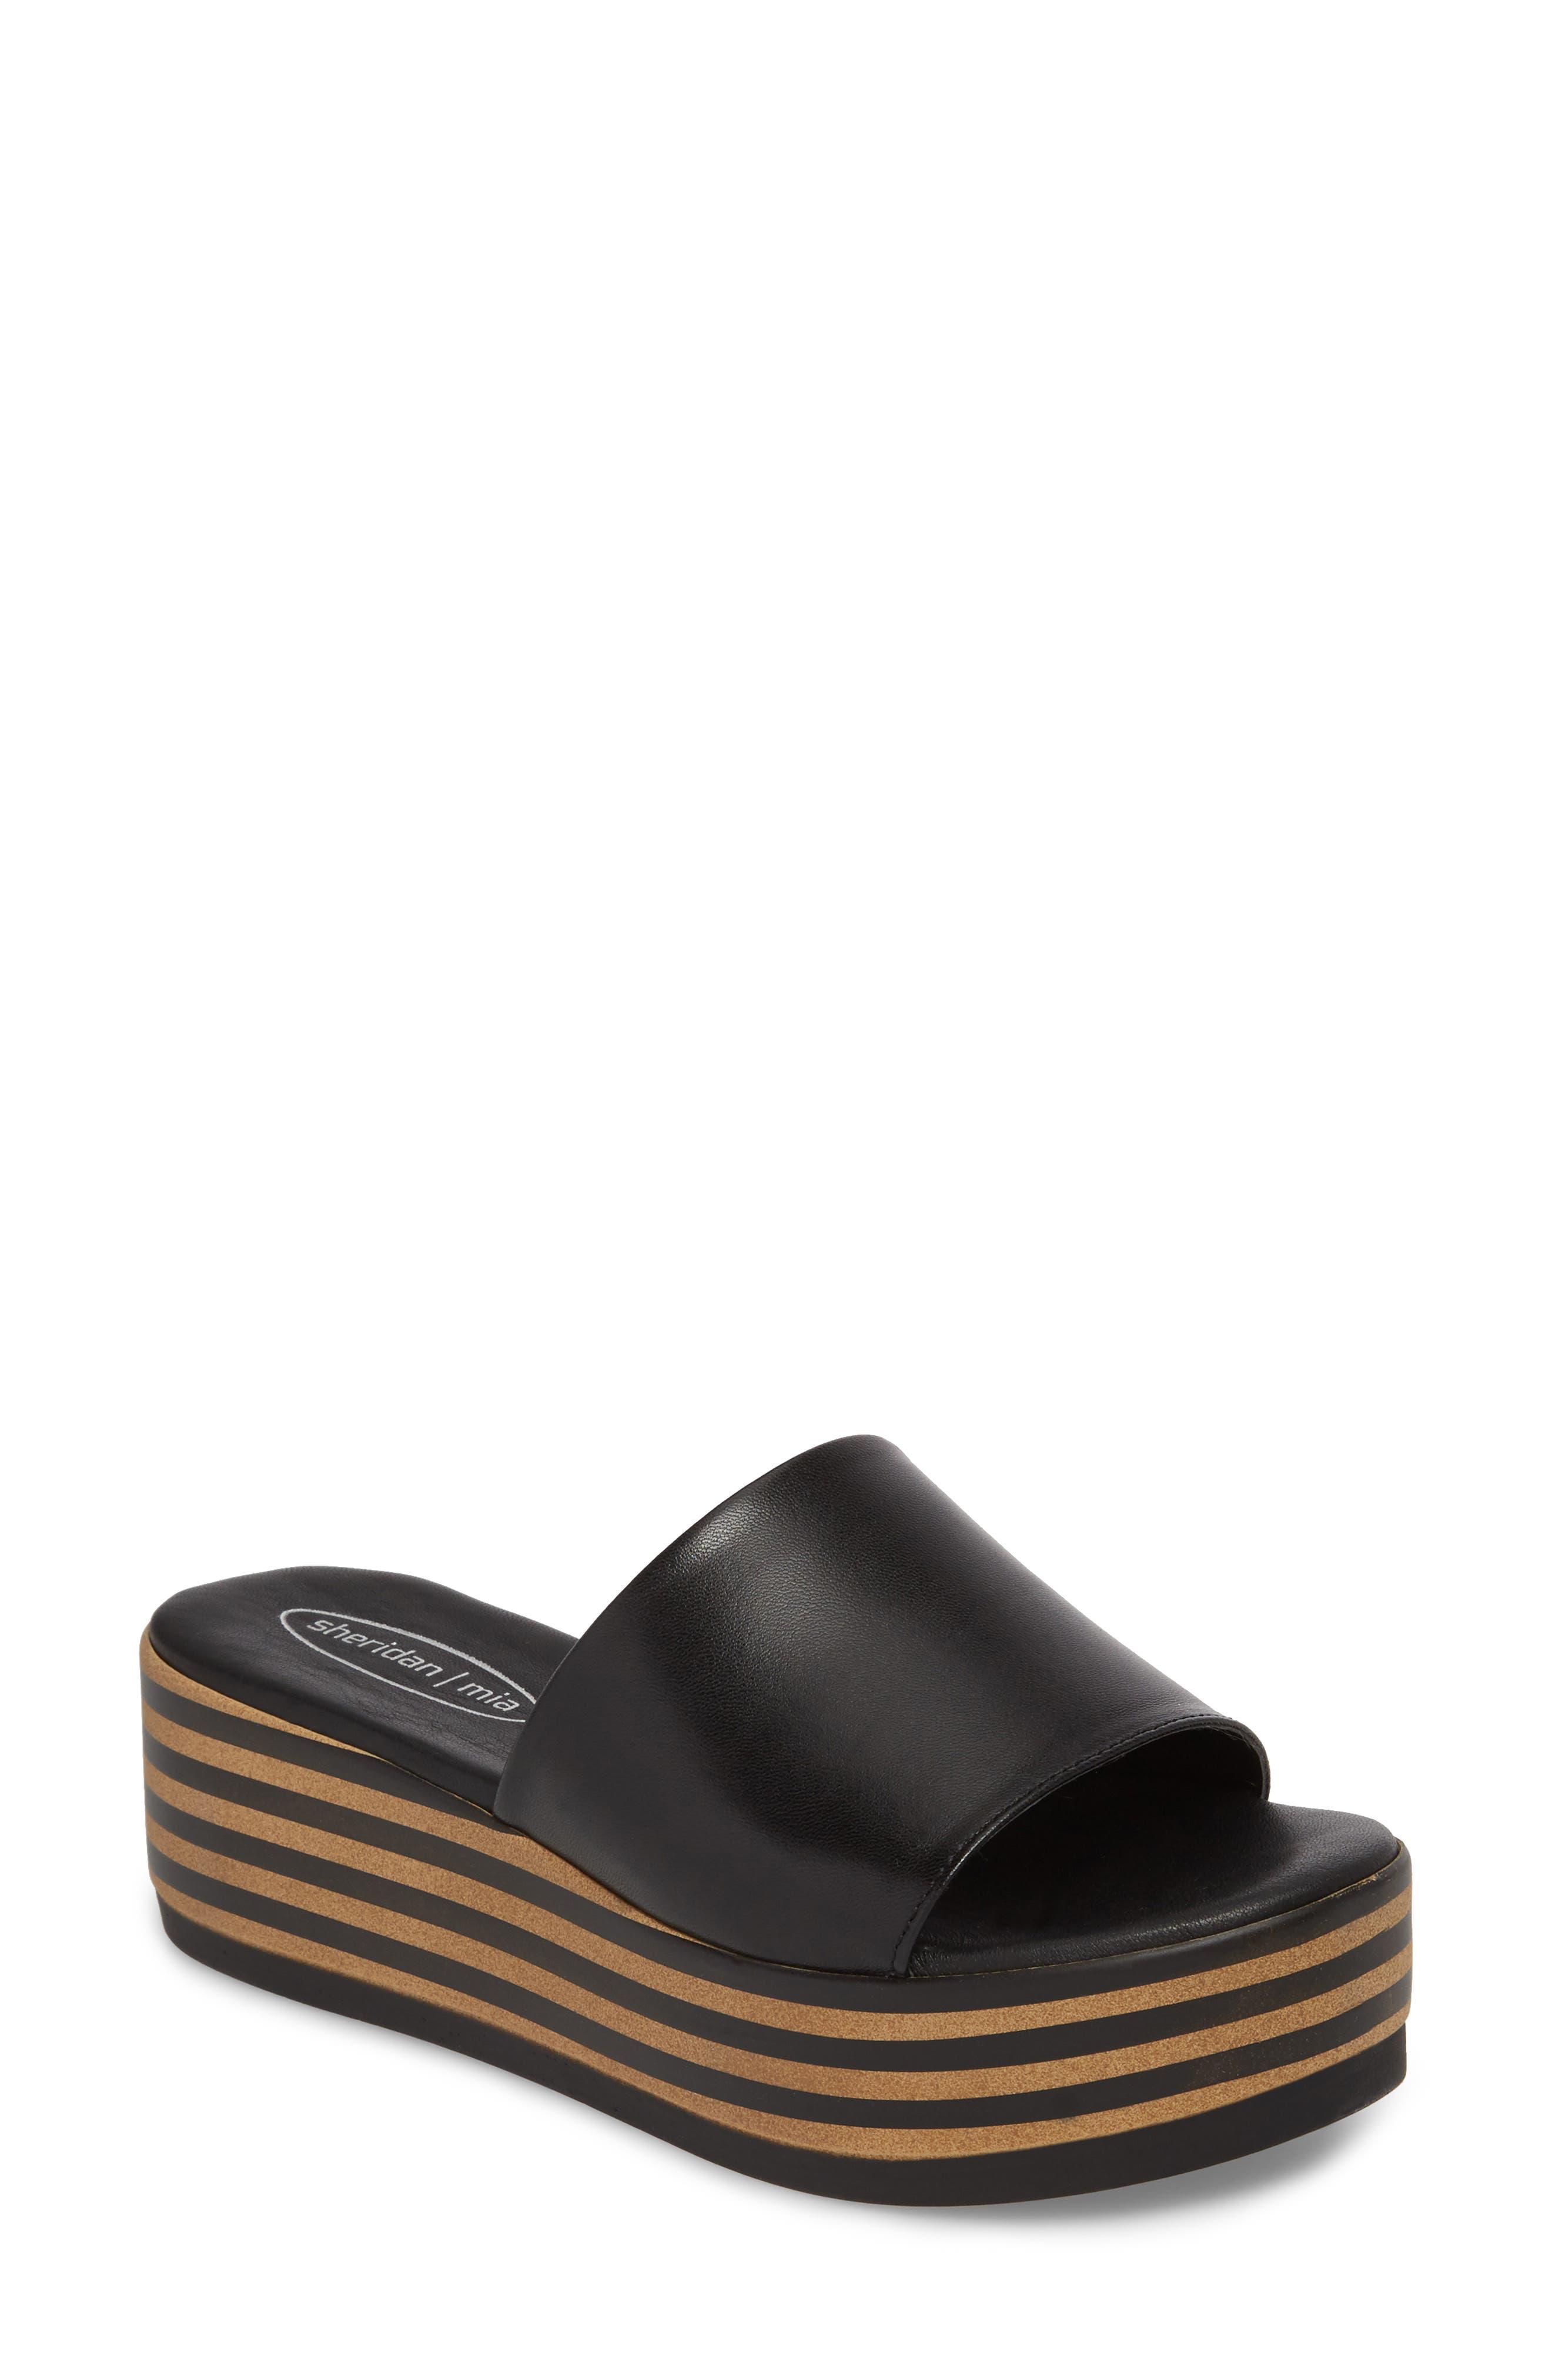 Reesa Platform Slide Sandal,                         Main,                         color, Black Leather